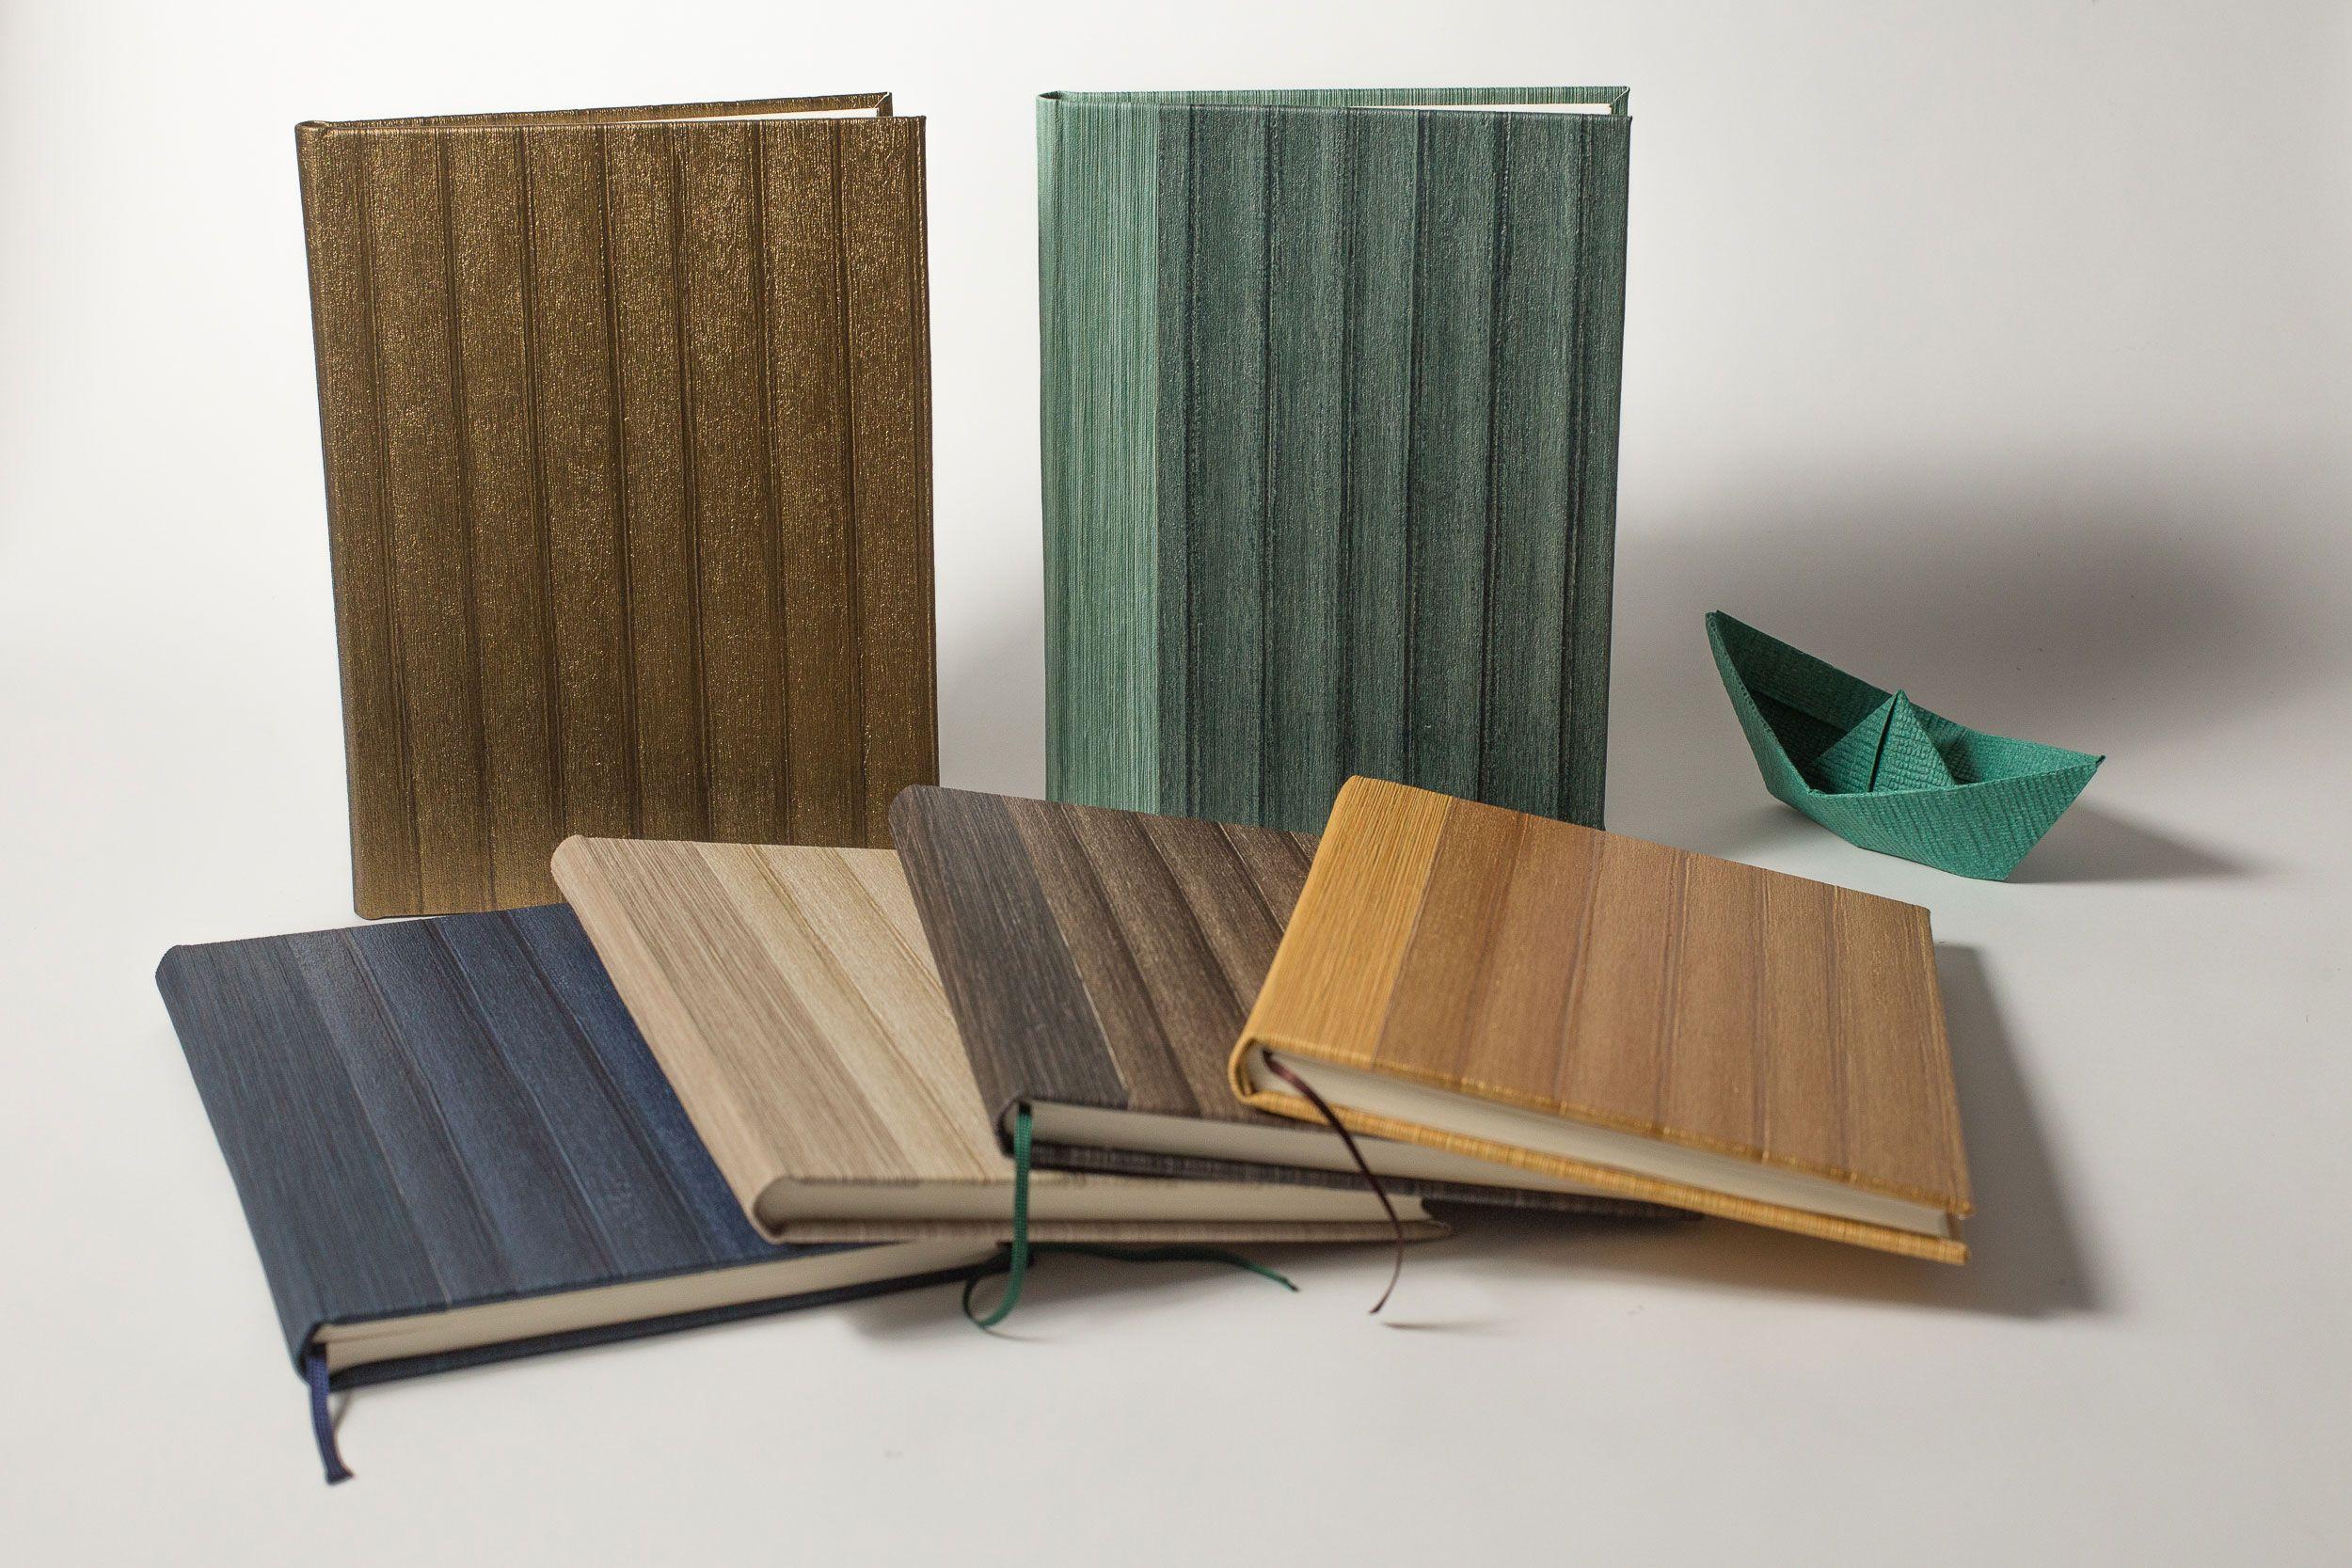 Nuestro clásicos, elaborados totalmente a mano con los mejores materiales. Cuadernos de papel vinilo con textura. Si te gusta escribir no podrás resistirte